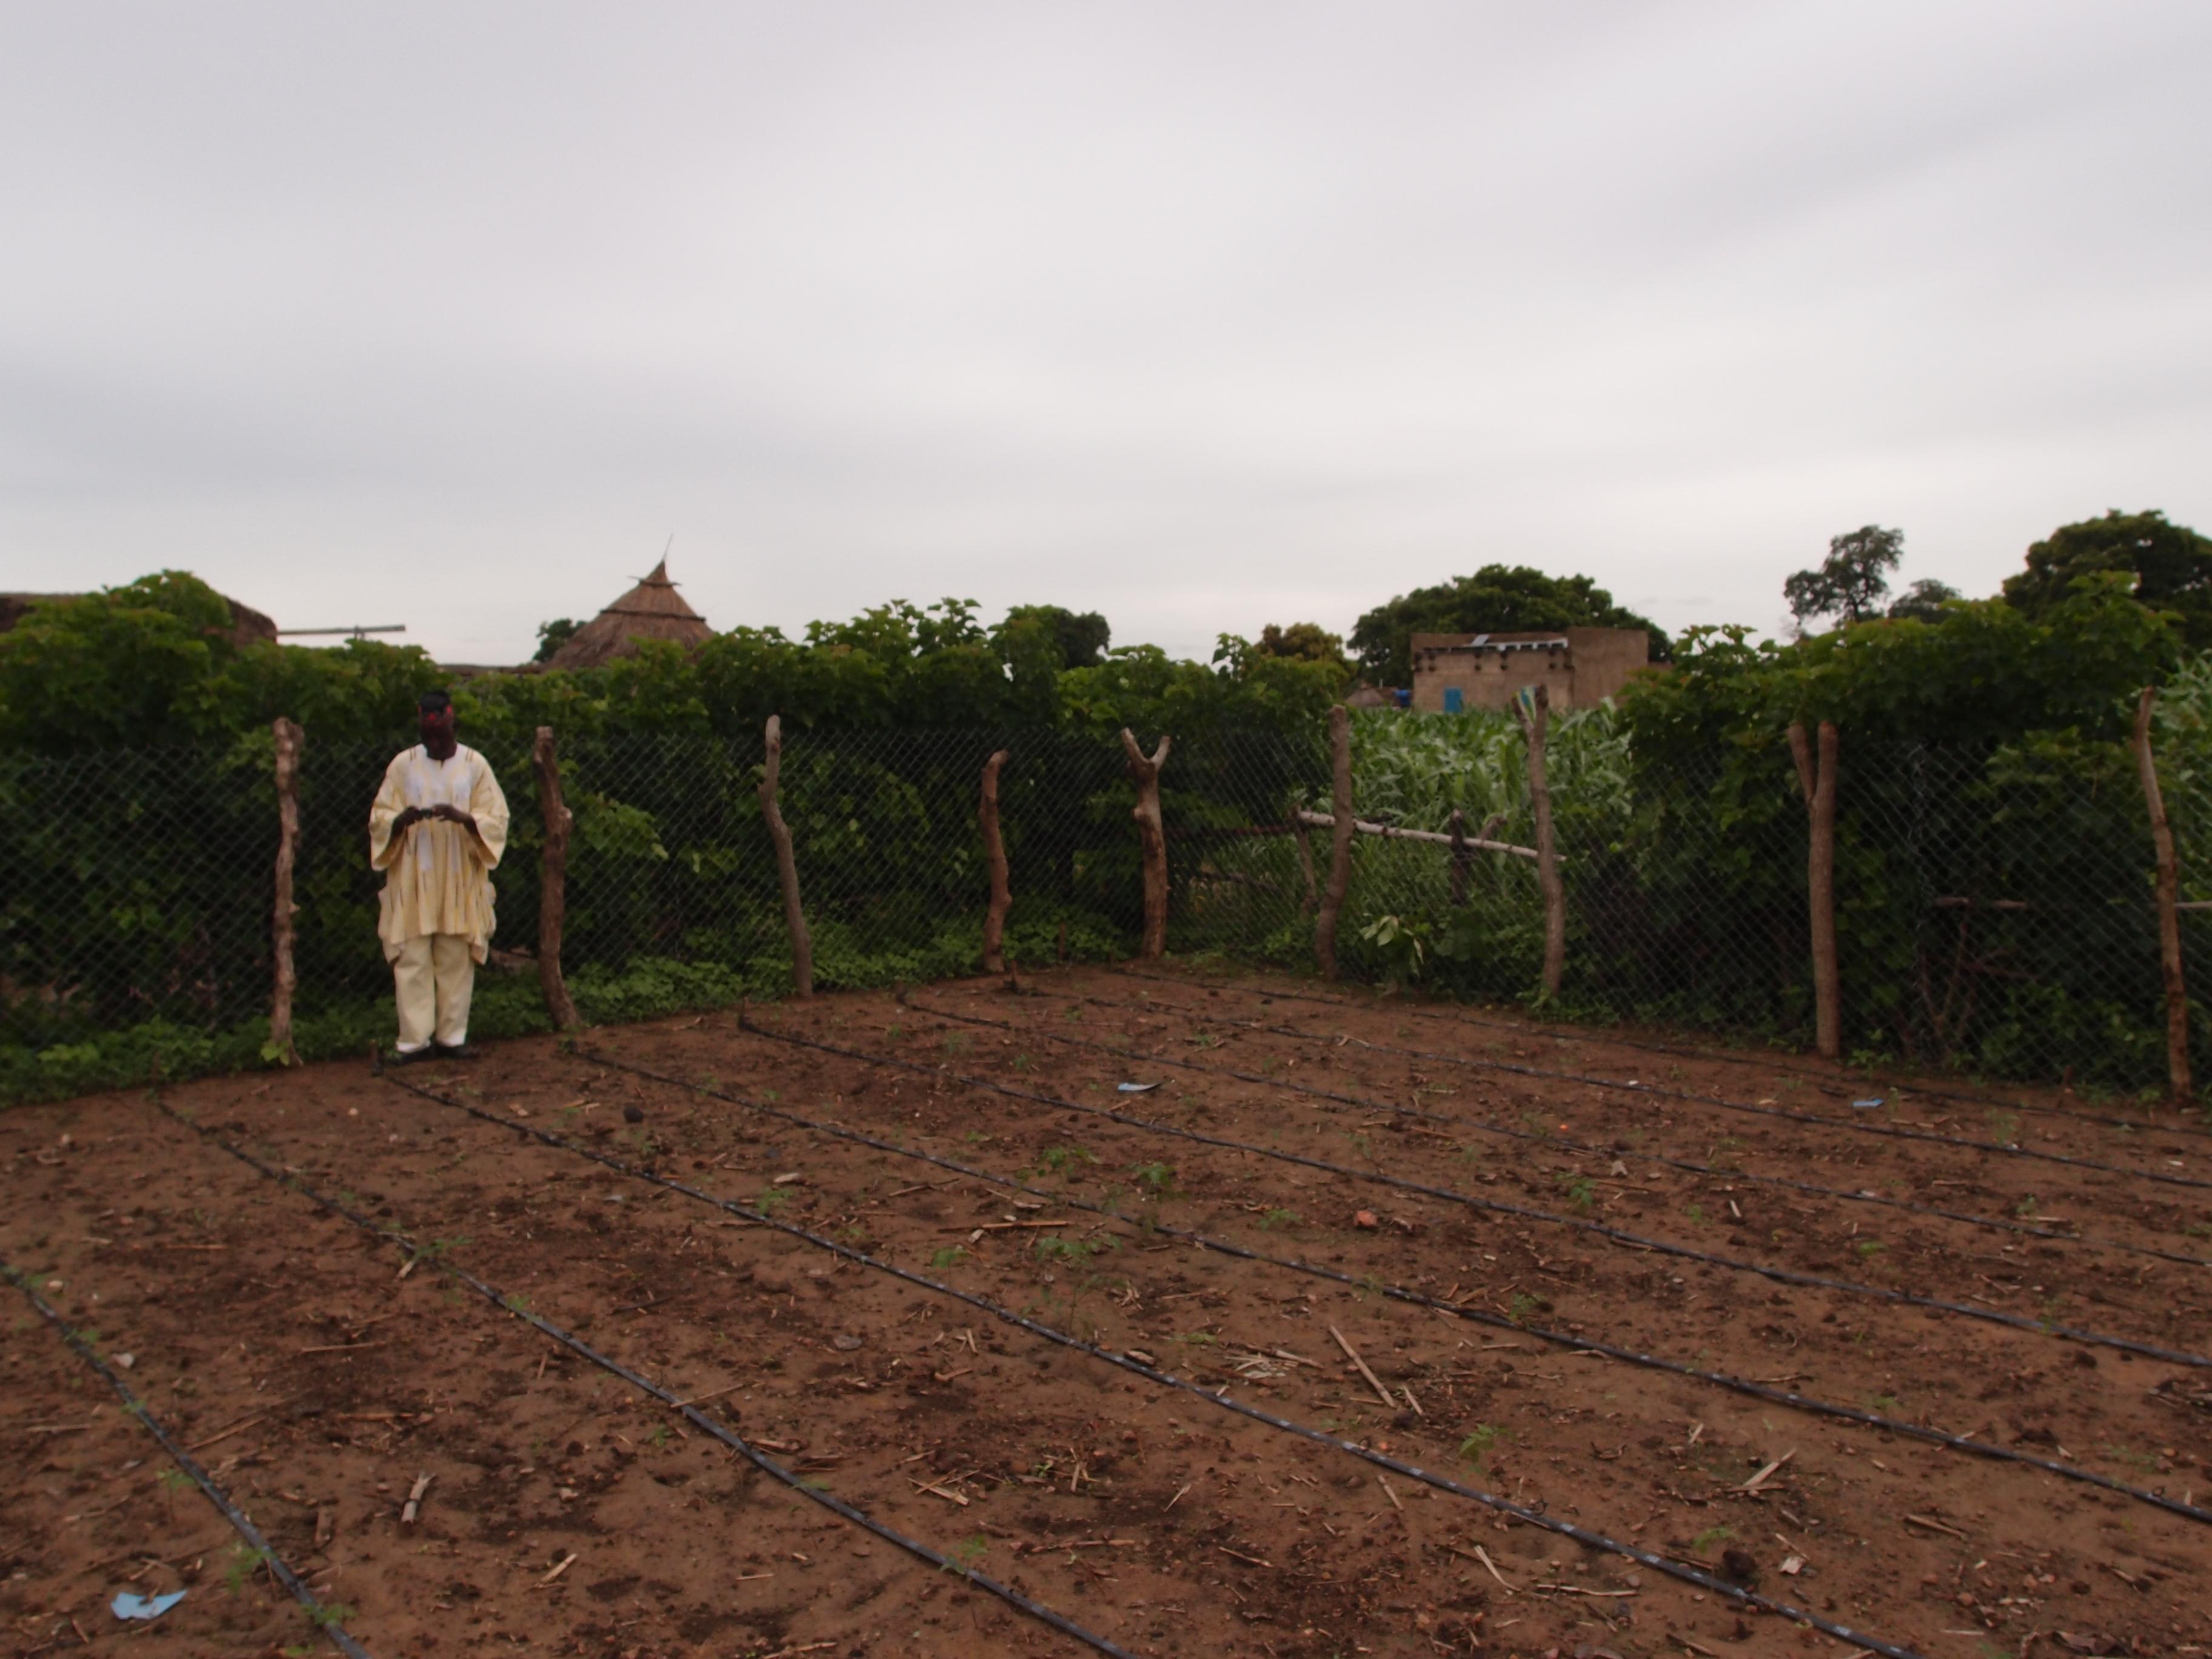 1 van de vrouwen met een tuin met druppelirrigatie